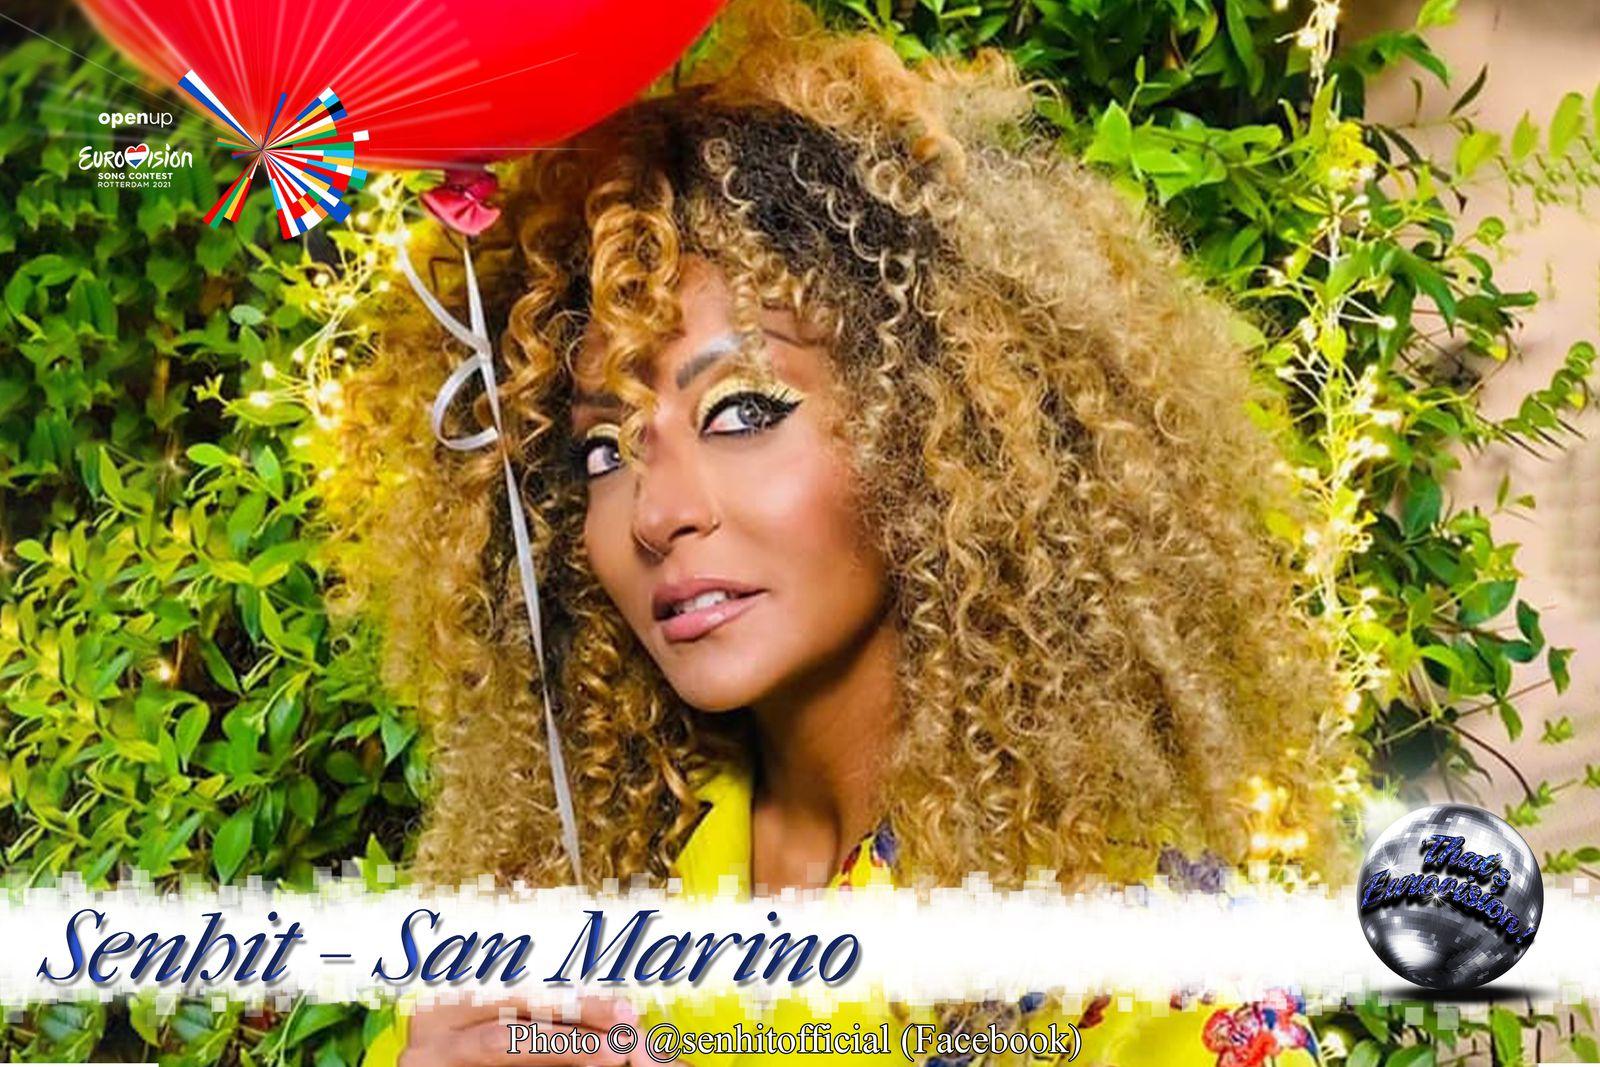 San Marino 2021 - Senhit (Adrenalina)